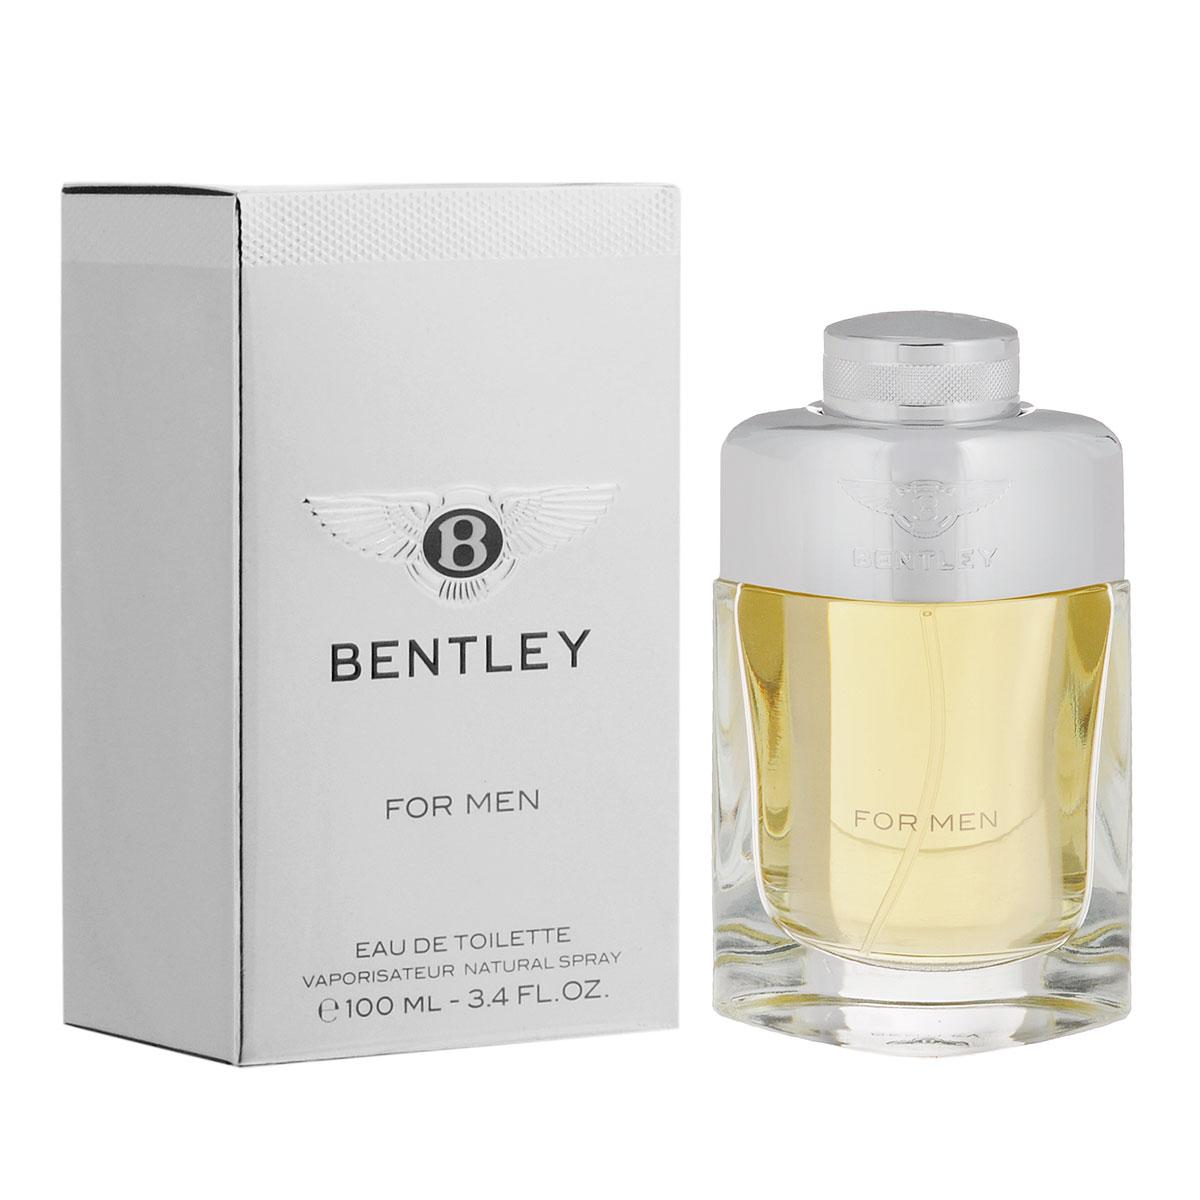 Bentley Туалетная вода For Men, мужская, 100 млB140308Благородный яркий аромат от Bentley по-достоинству оценит уверенный в себе современный мужчина. В основе идеи - трансформация роскошного автомобиля в не менее роскошный мужской аромат. Классификация аромата : древесный, кожаный, пряный. Пирамида аромата : Верхние ноты: черный перец, лавровый лист, бергамот. Ноты сердца: ром, корица, шалфей, ноты кожи. Ноты шлейфа: кедр, пачули, мускус, cиамский бензоин. Ключевые слова Cовременный, элегантный, мужественный! Туалетная вода - один из самых популярных видов парфюмерной продукции. Туалетная вода содержит 4-10% парфюмерного экстракта. Главные достоинства данного типа продукции заключаются в доступной цене, разнообразии форматов (как правило, 30, 50, 75, 100 мл), удобстве использования (чаще всего - спрей). Идеальна для дневного использования. Товар сертифицирован.